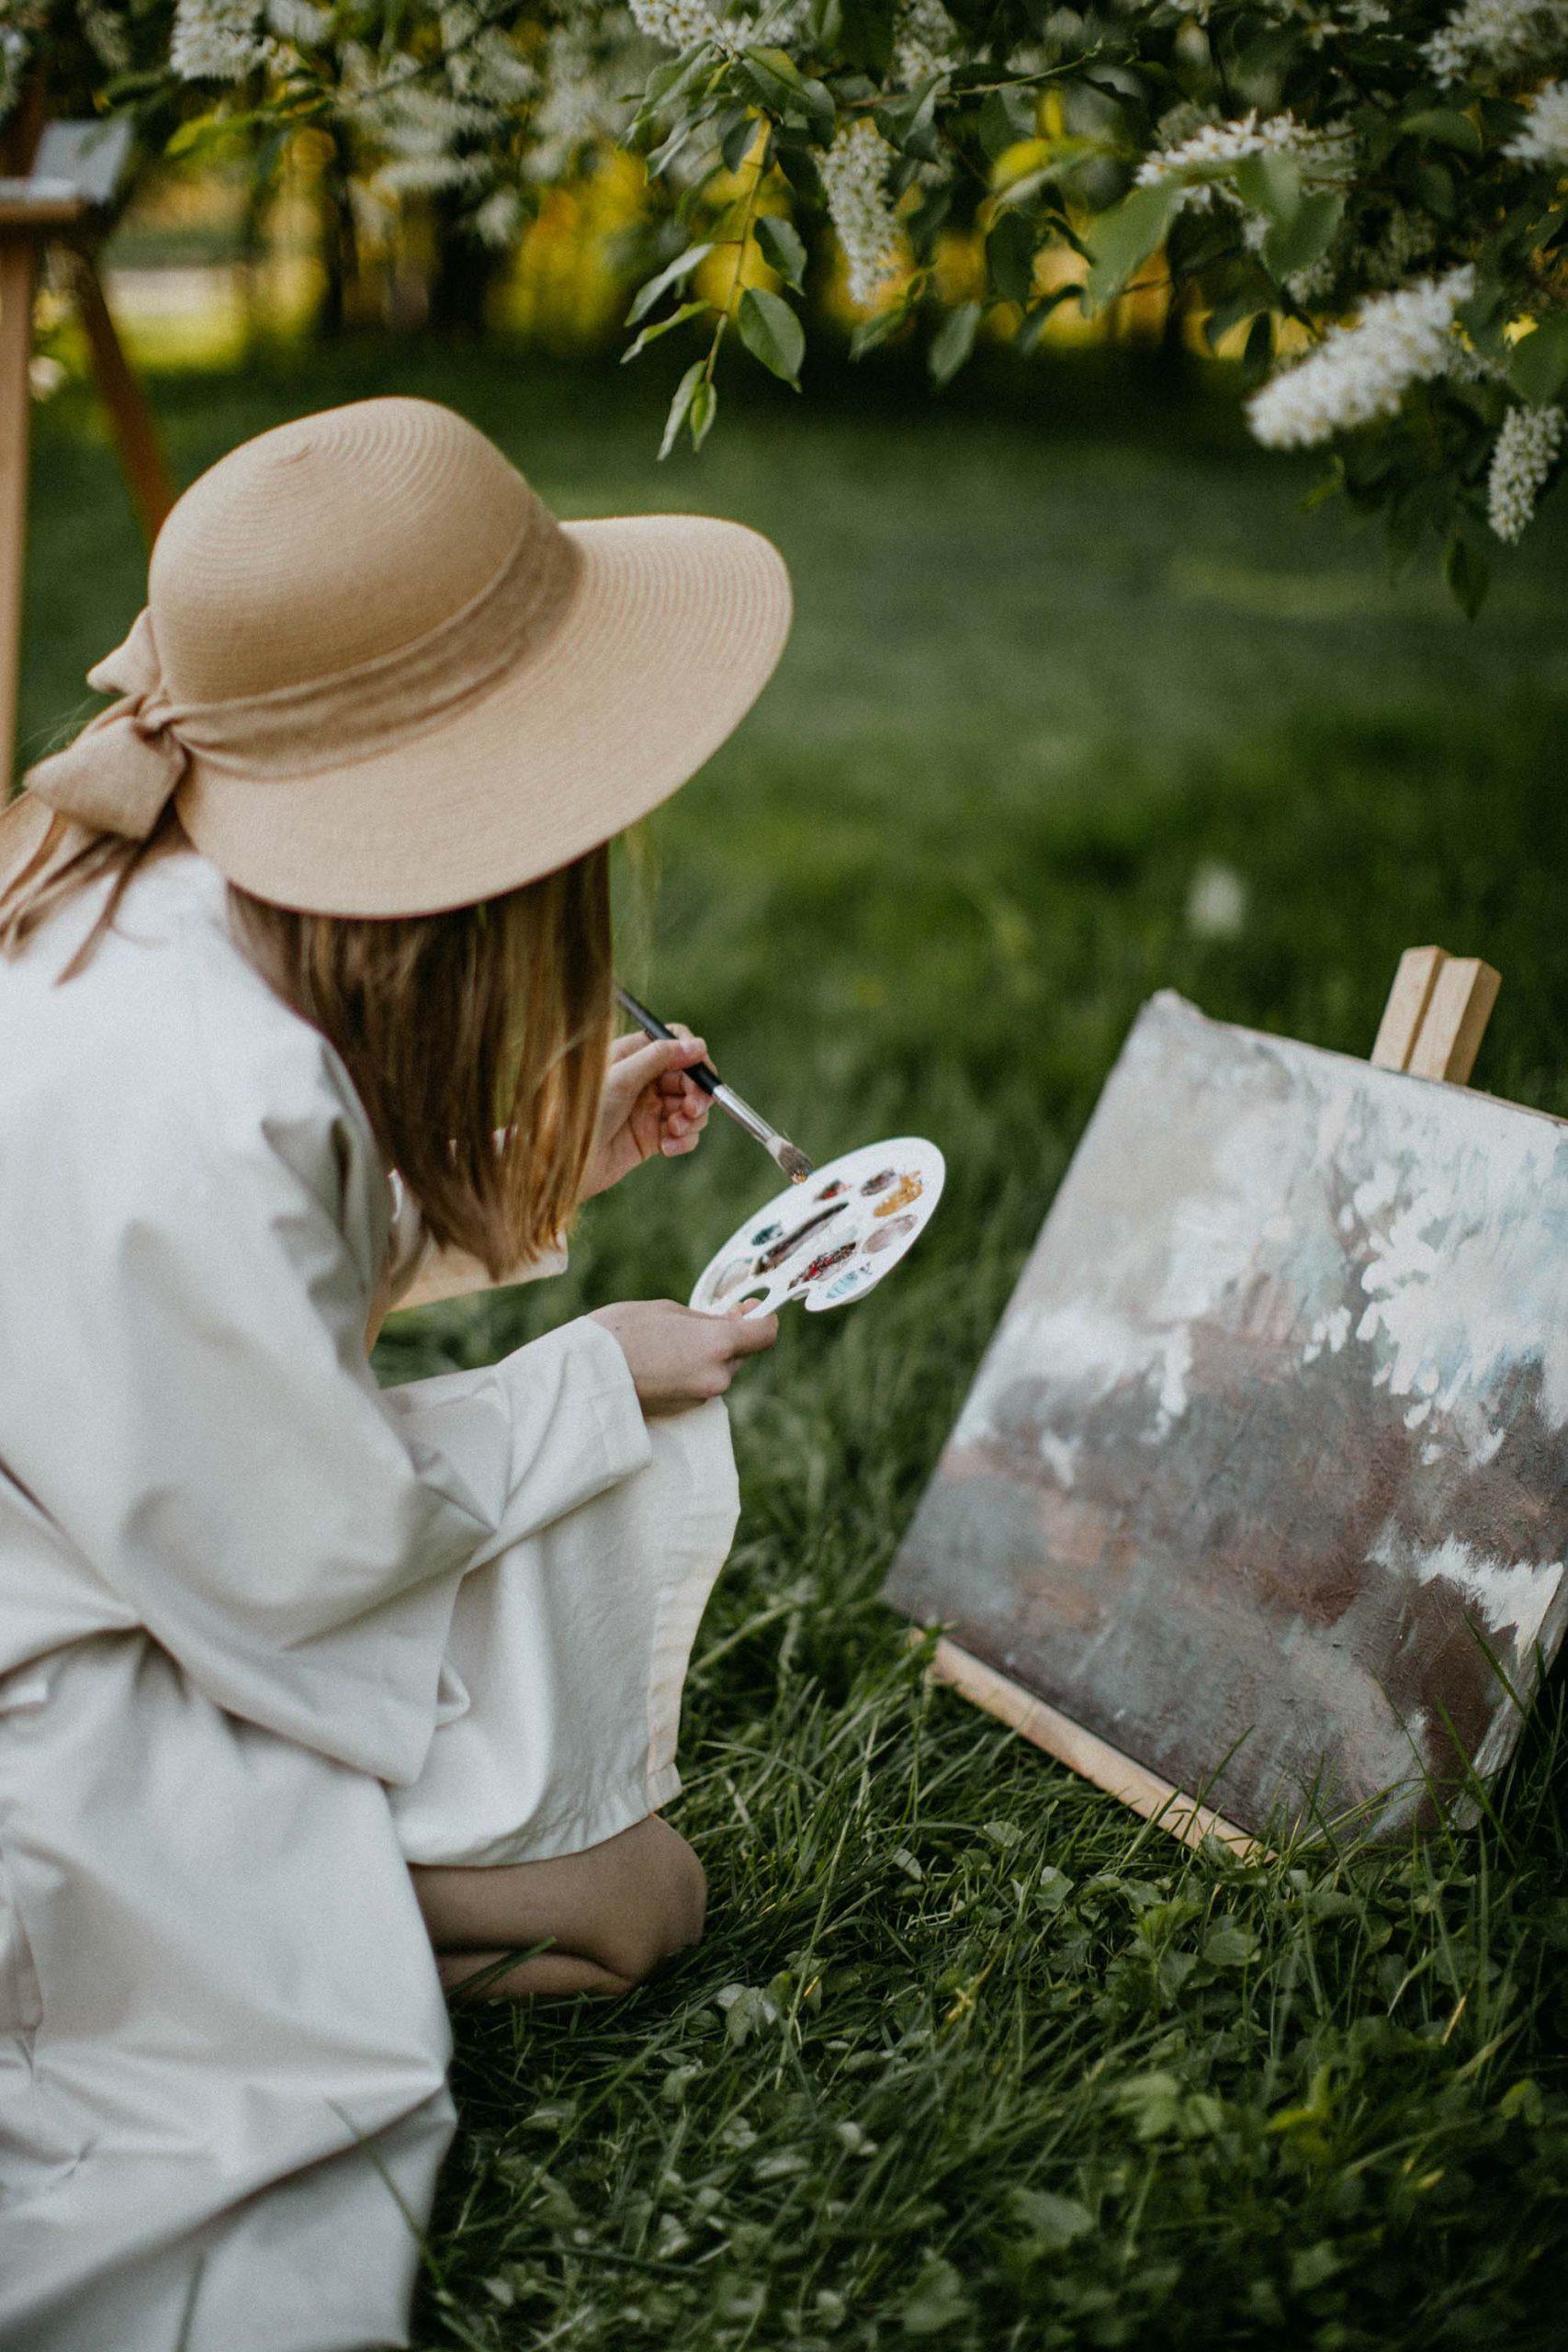 Cô gái cung hoàng đạo Sư Tử thư giãn bằng cách vẽ tranh